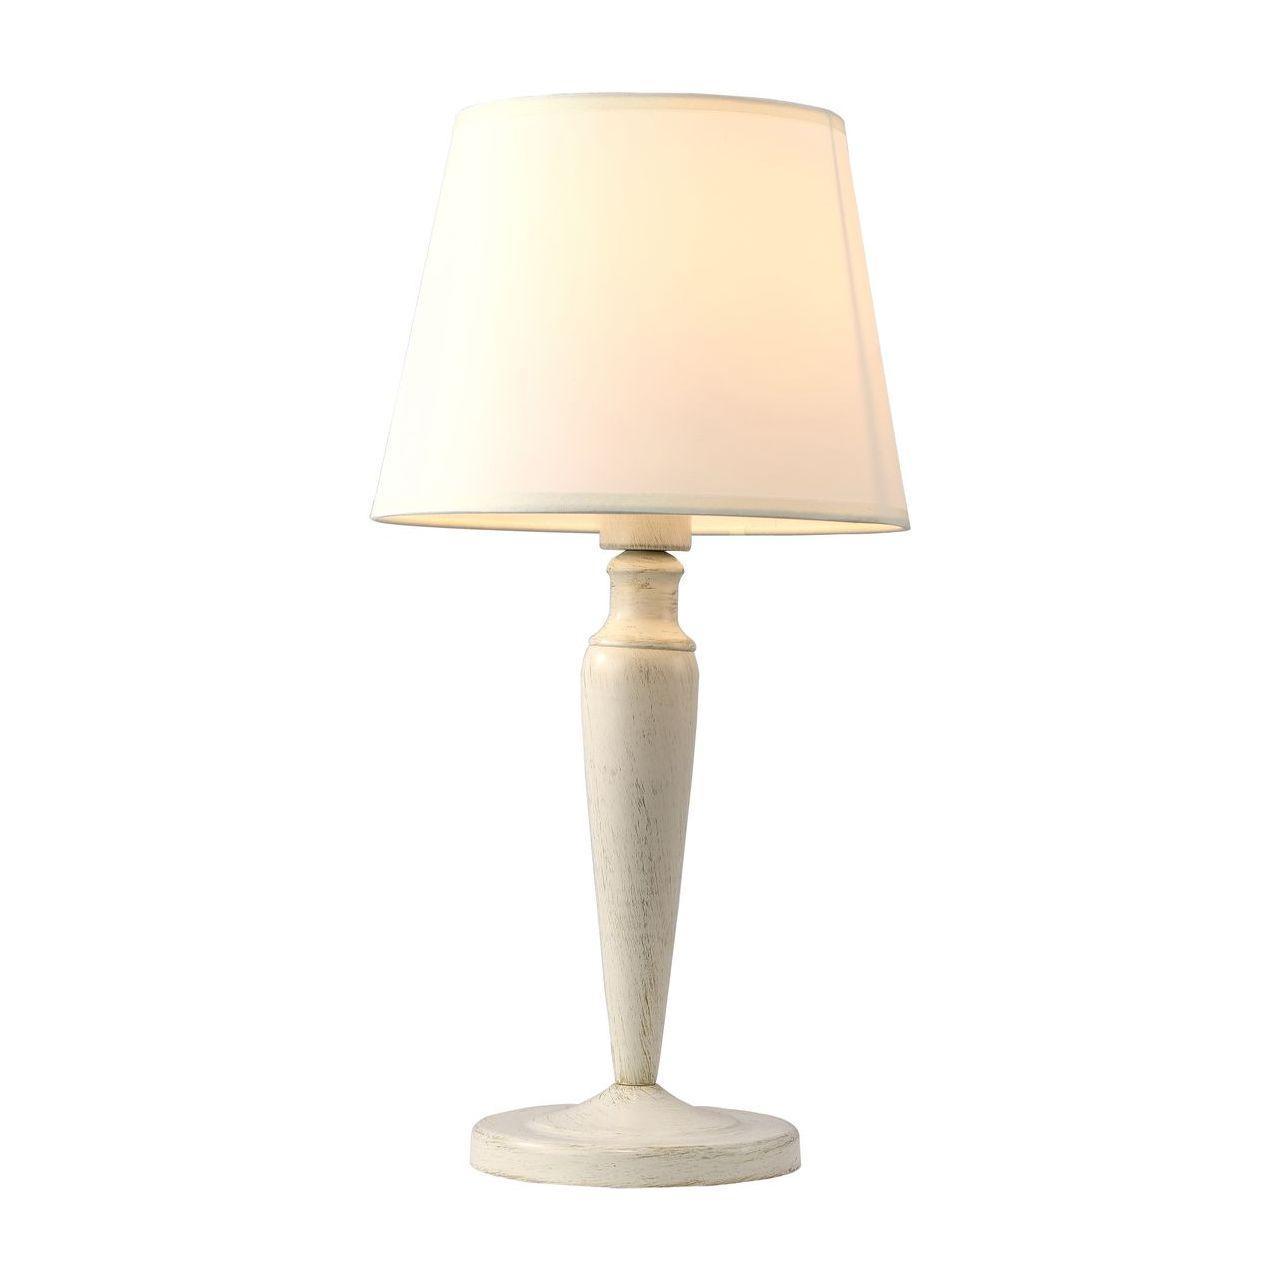 Настольная лампа Arte Lamp A9311LT-1WG arte lamp настольная лампа arte lamp veil a3082lt 1wg